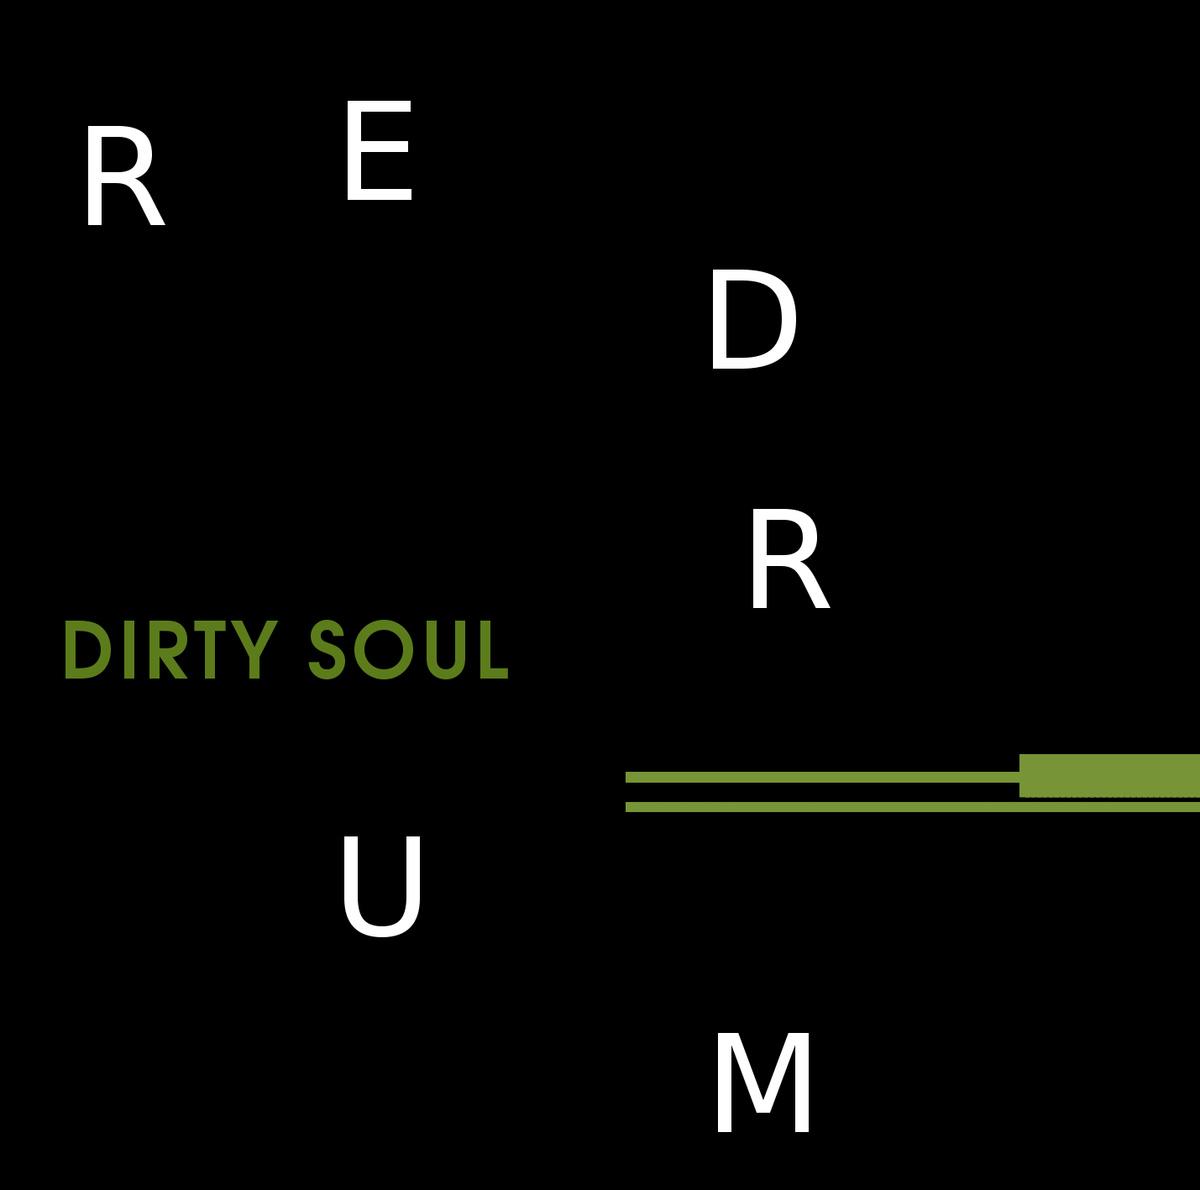 Redrum - Dirty Soul